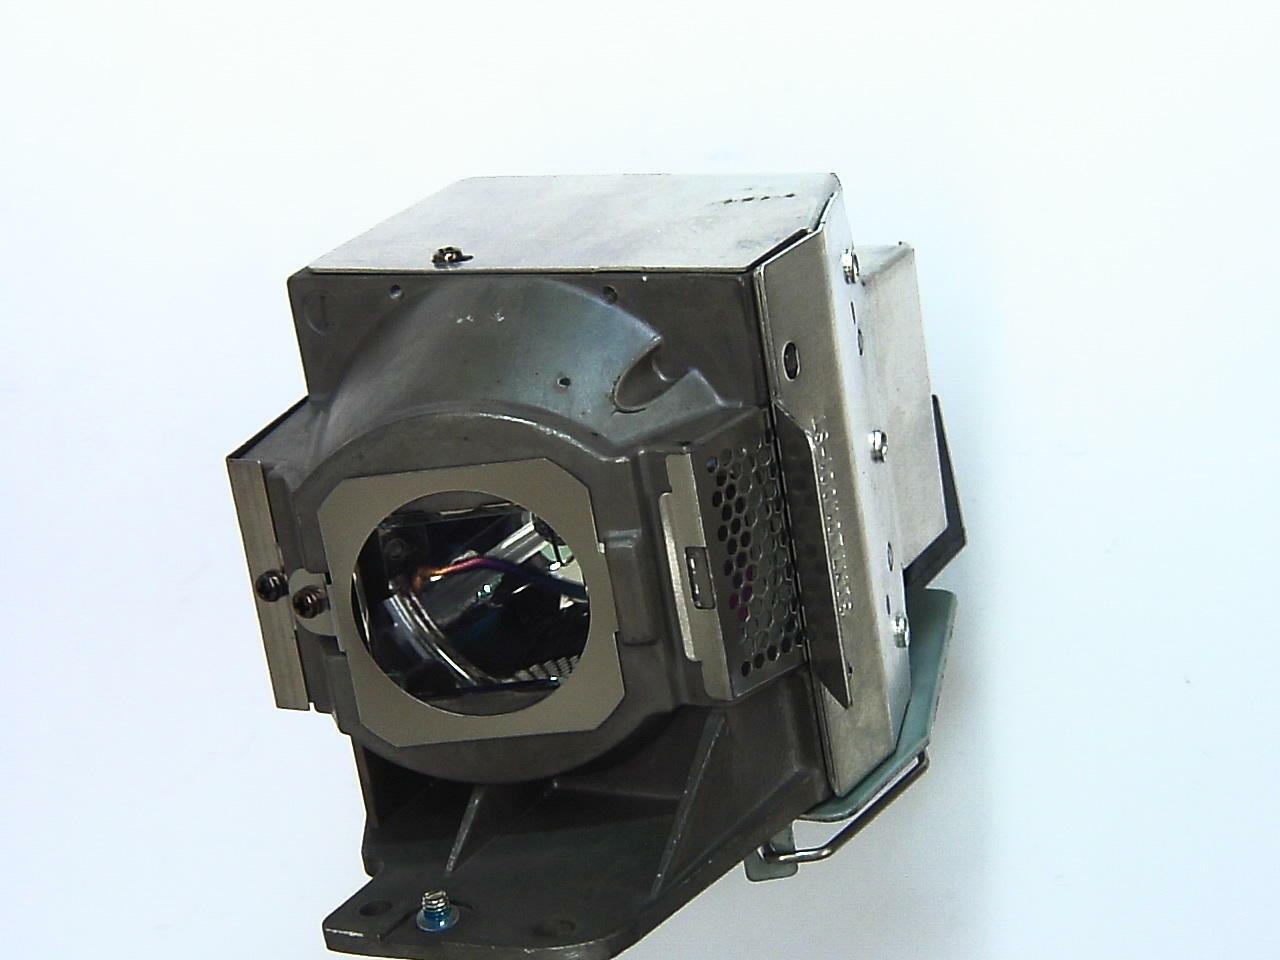 Product Benq Mh680 Full Hd 3d Dlp Projector